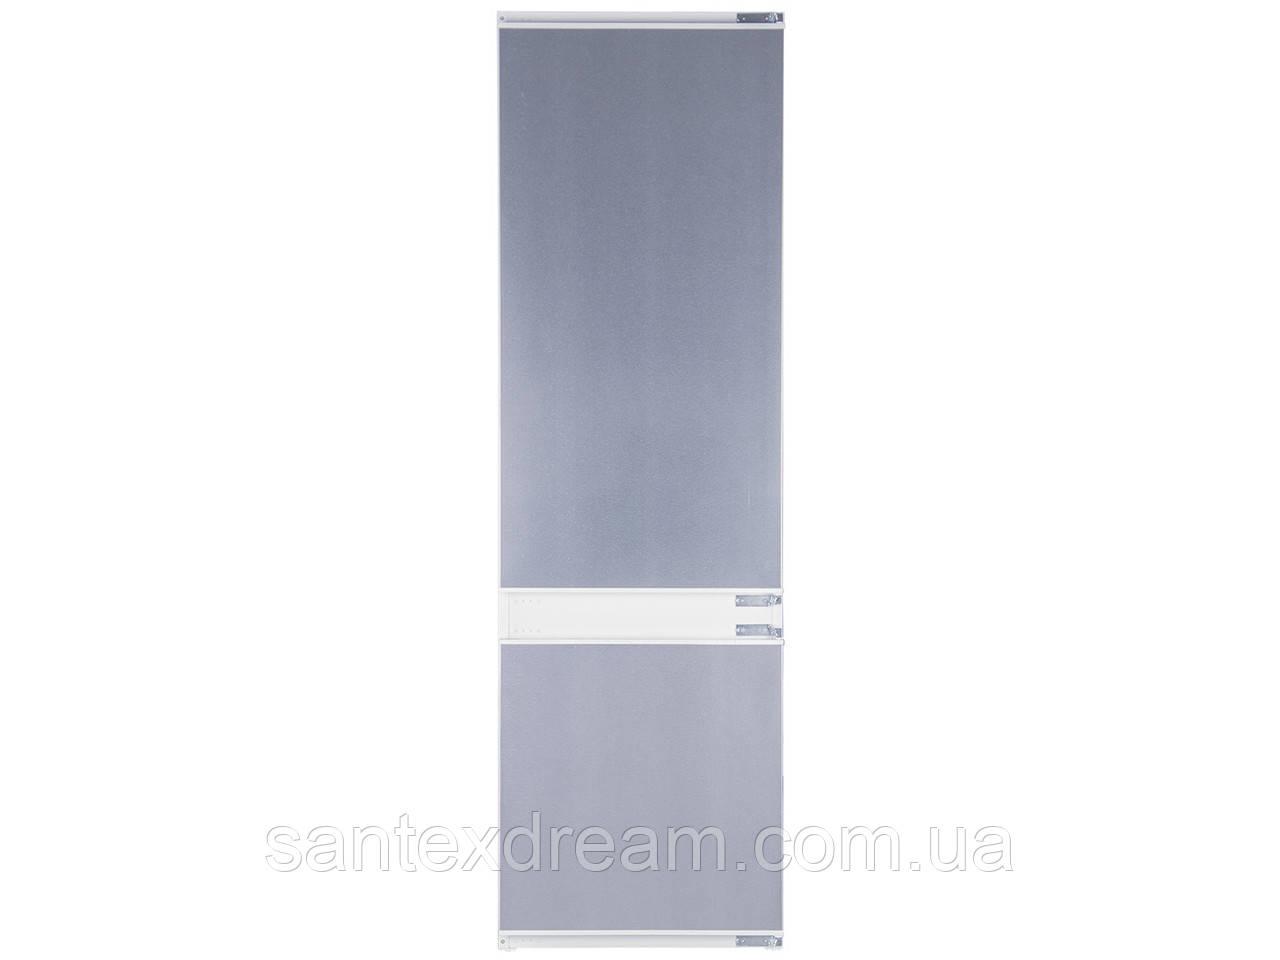 Холодильник встраиваемый Siemens KI38VX20